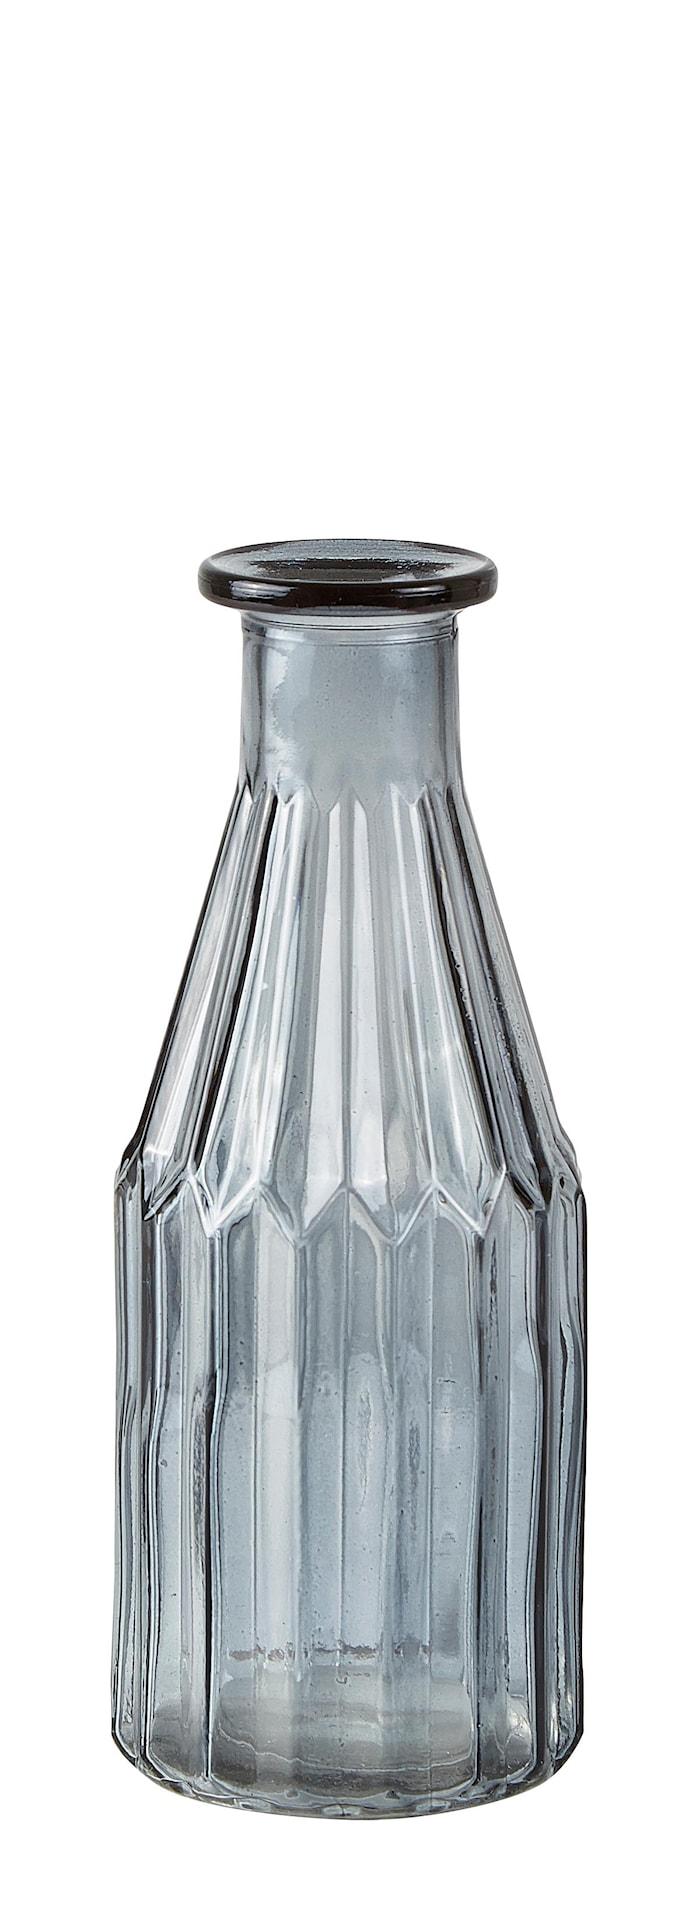 Vase - Glas - Røgfarvet - D 8,0cm - H 20,0cm - Stk.